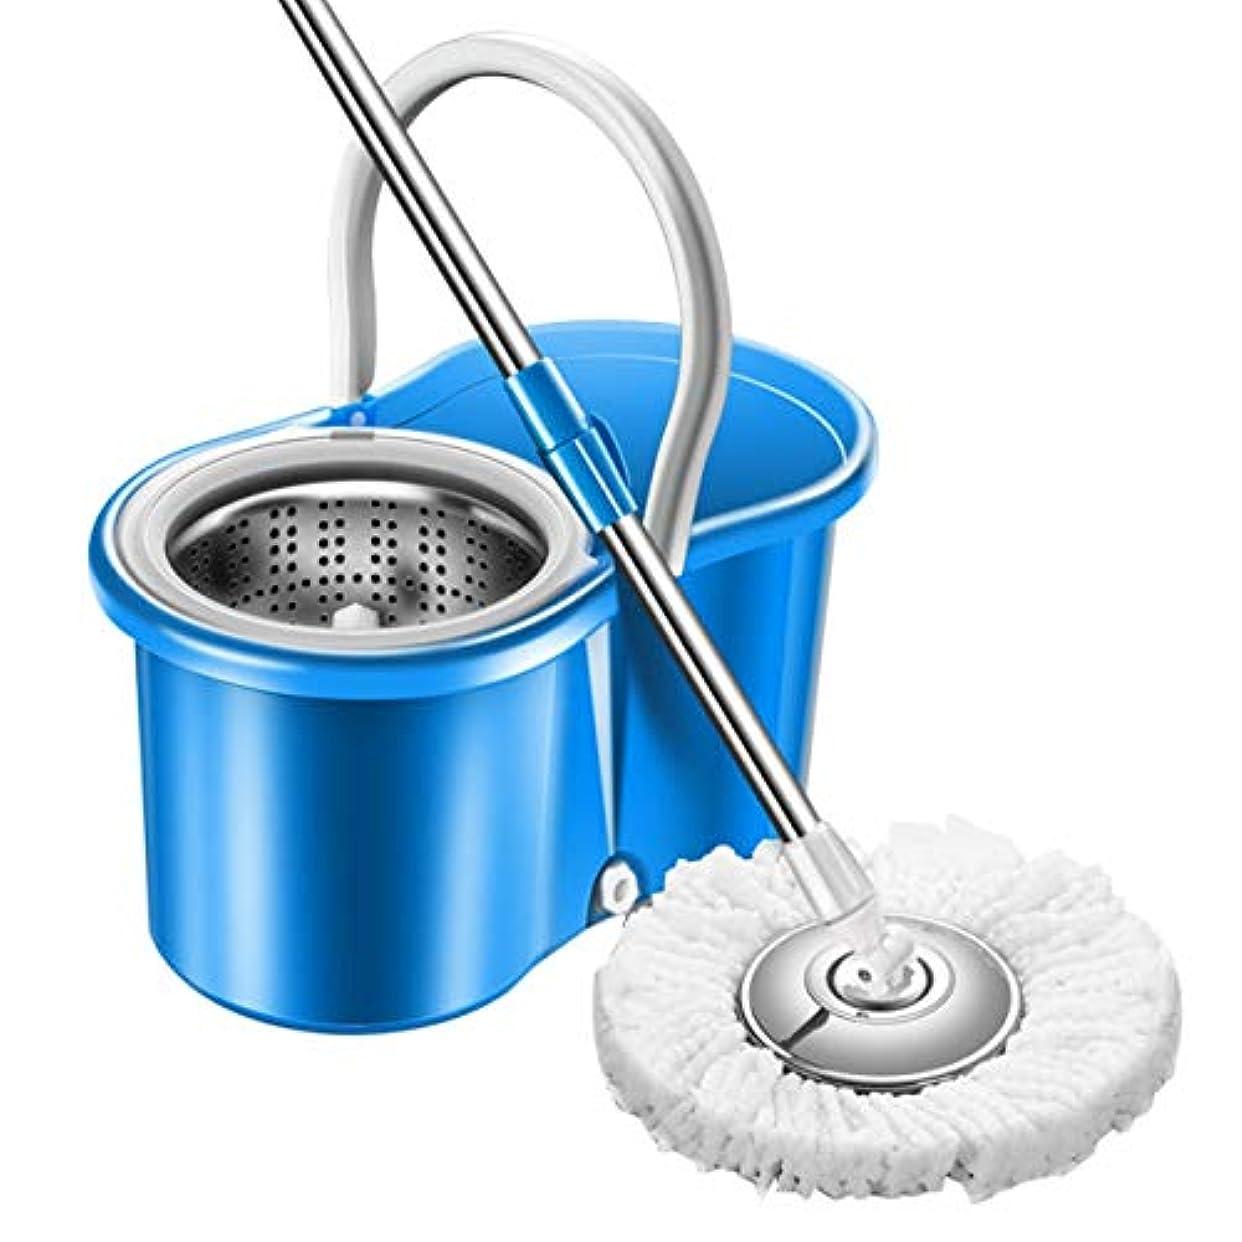 ヶ月目逆にソブリケットSaikogoods 実用ホーム用マジック床クリーニングモップ360度ローリングスピン自己絞るファイバーコットンヘッドフローリングモップセット 青